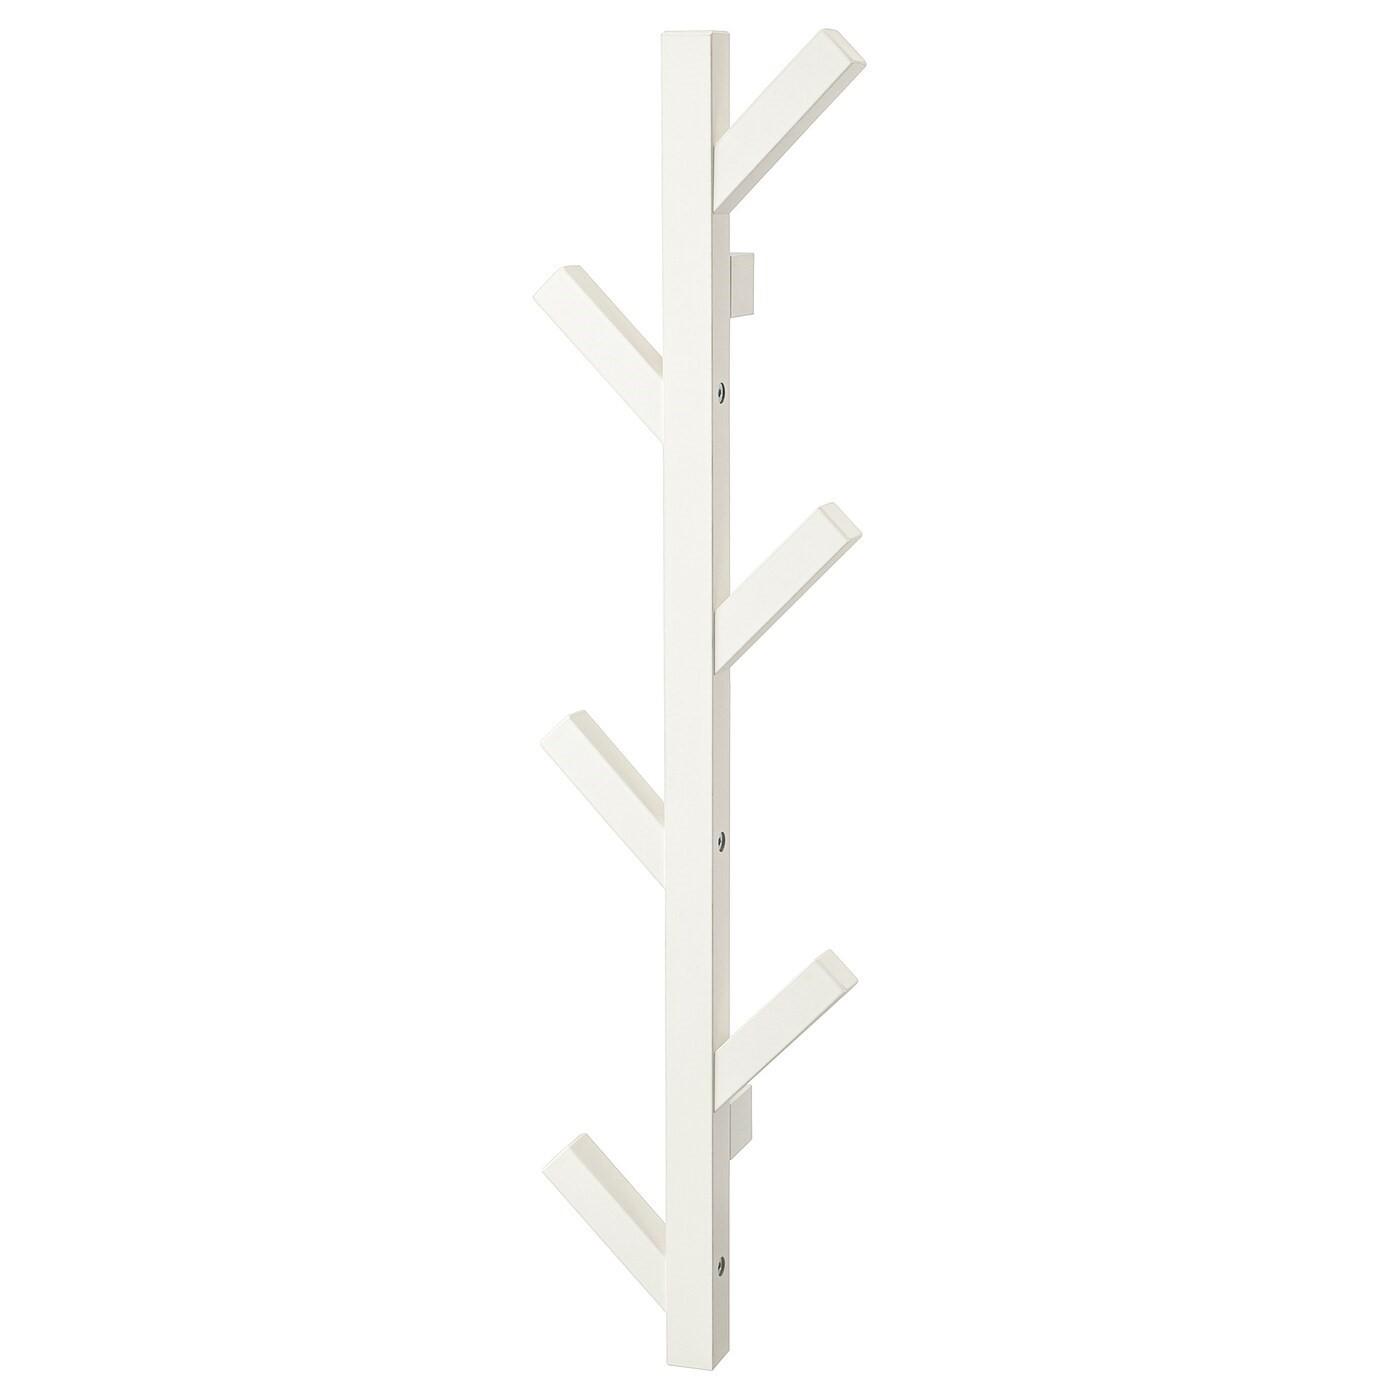 IKEA TJUSIG вешалка белый 19x7x78 см 602.917.08